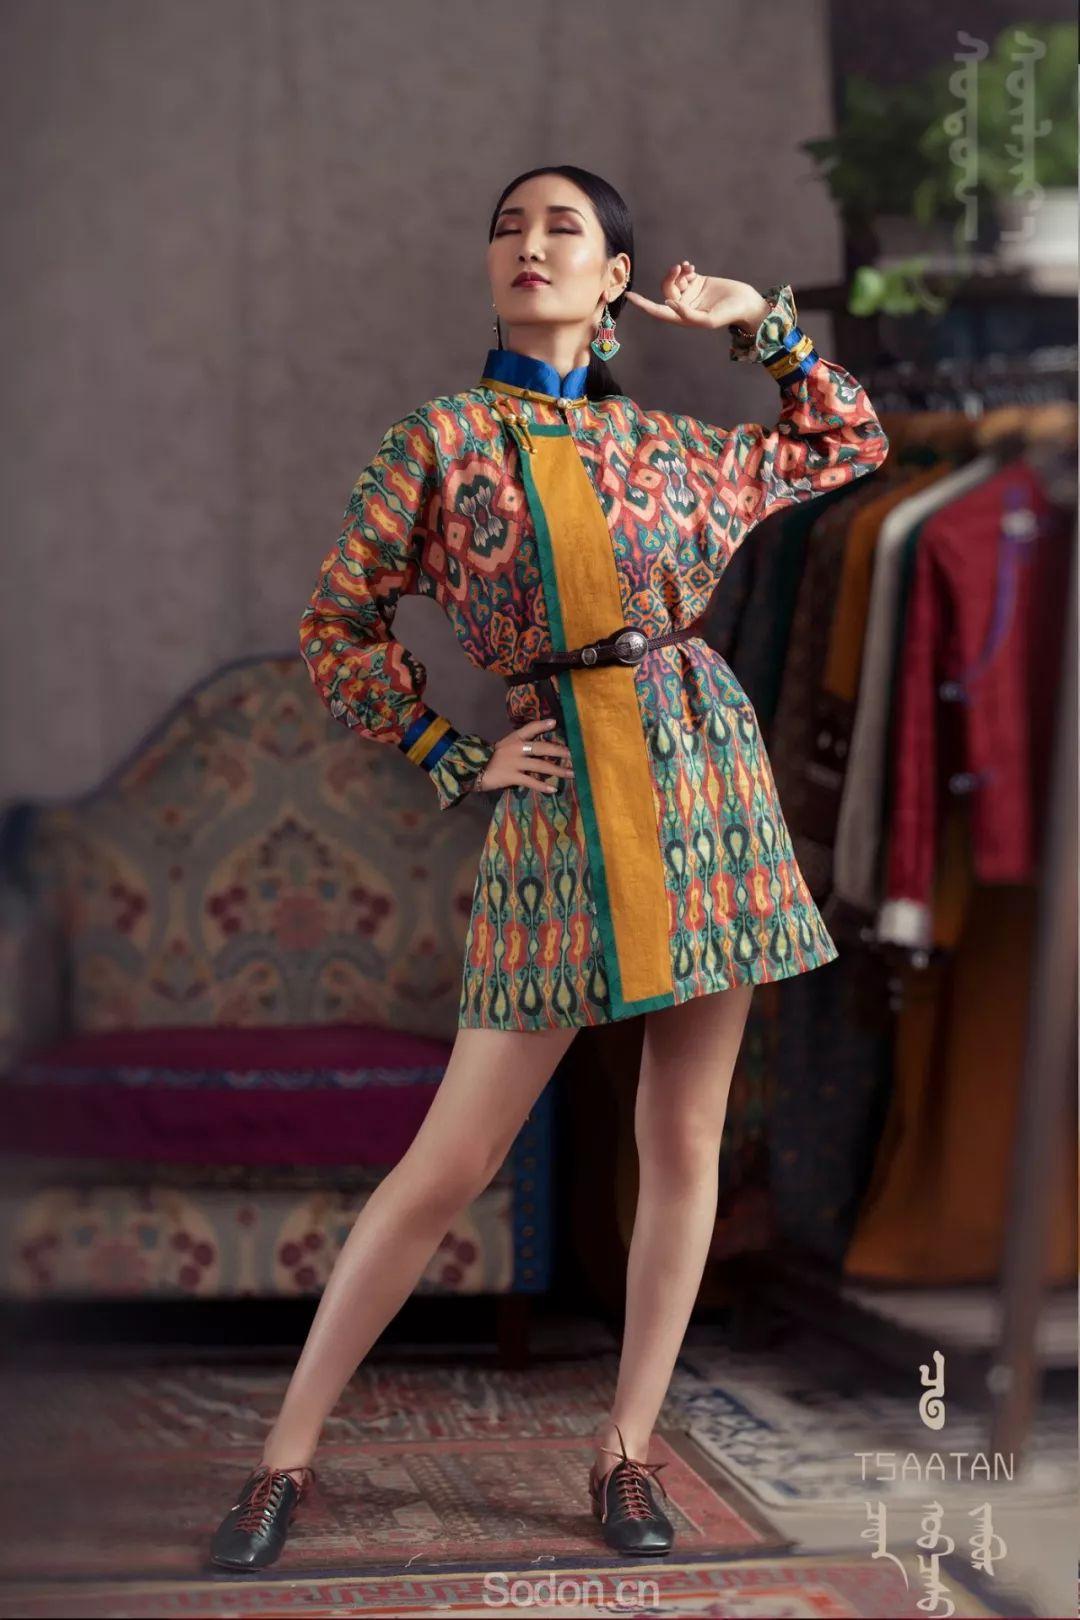 TSAATAN蒙古时装秋冬系列,来自驯鹿人的独特魅力! 第34张 TSAATAN蒙古时装秋冬系列,来自驯鹿人的独特魅力! 蒙古服饰